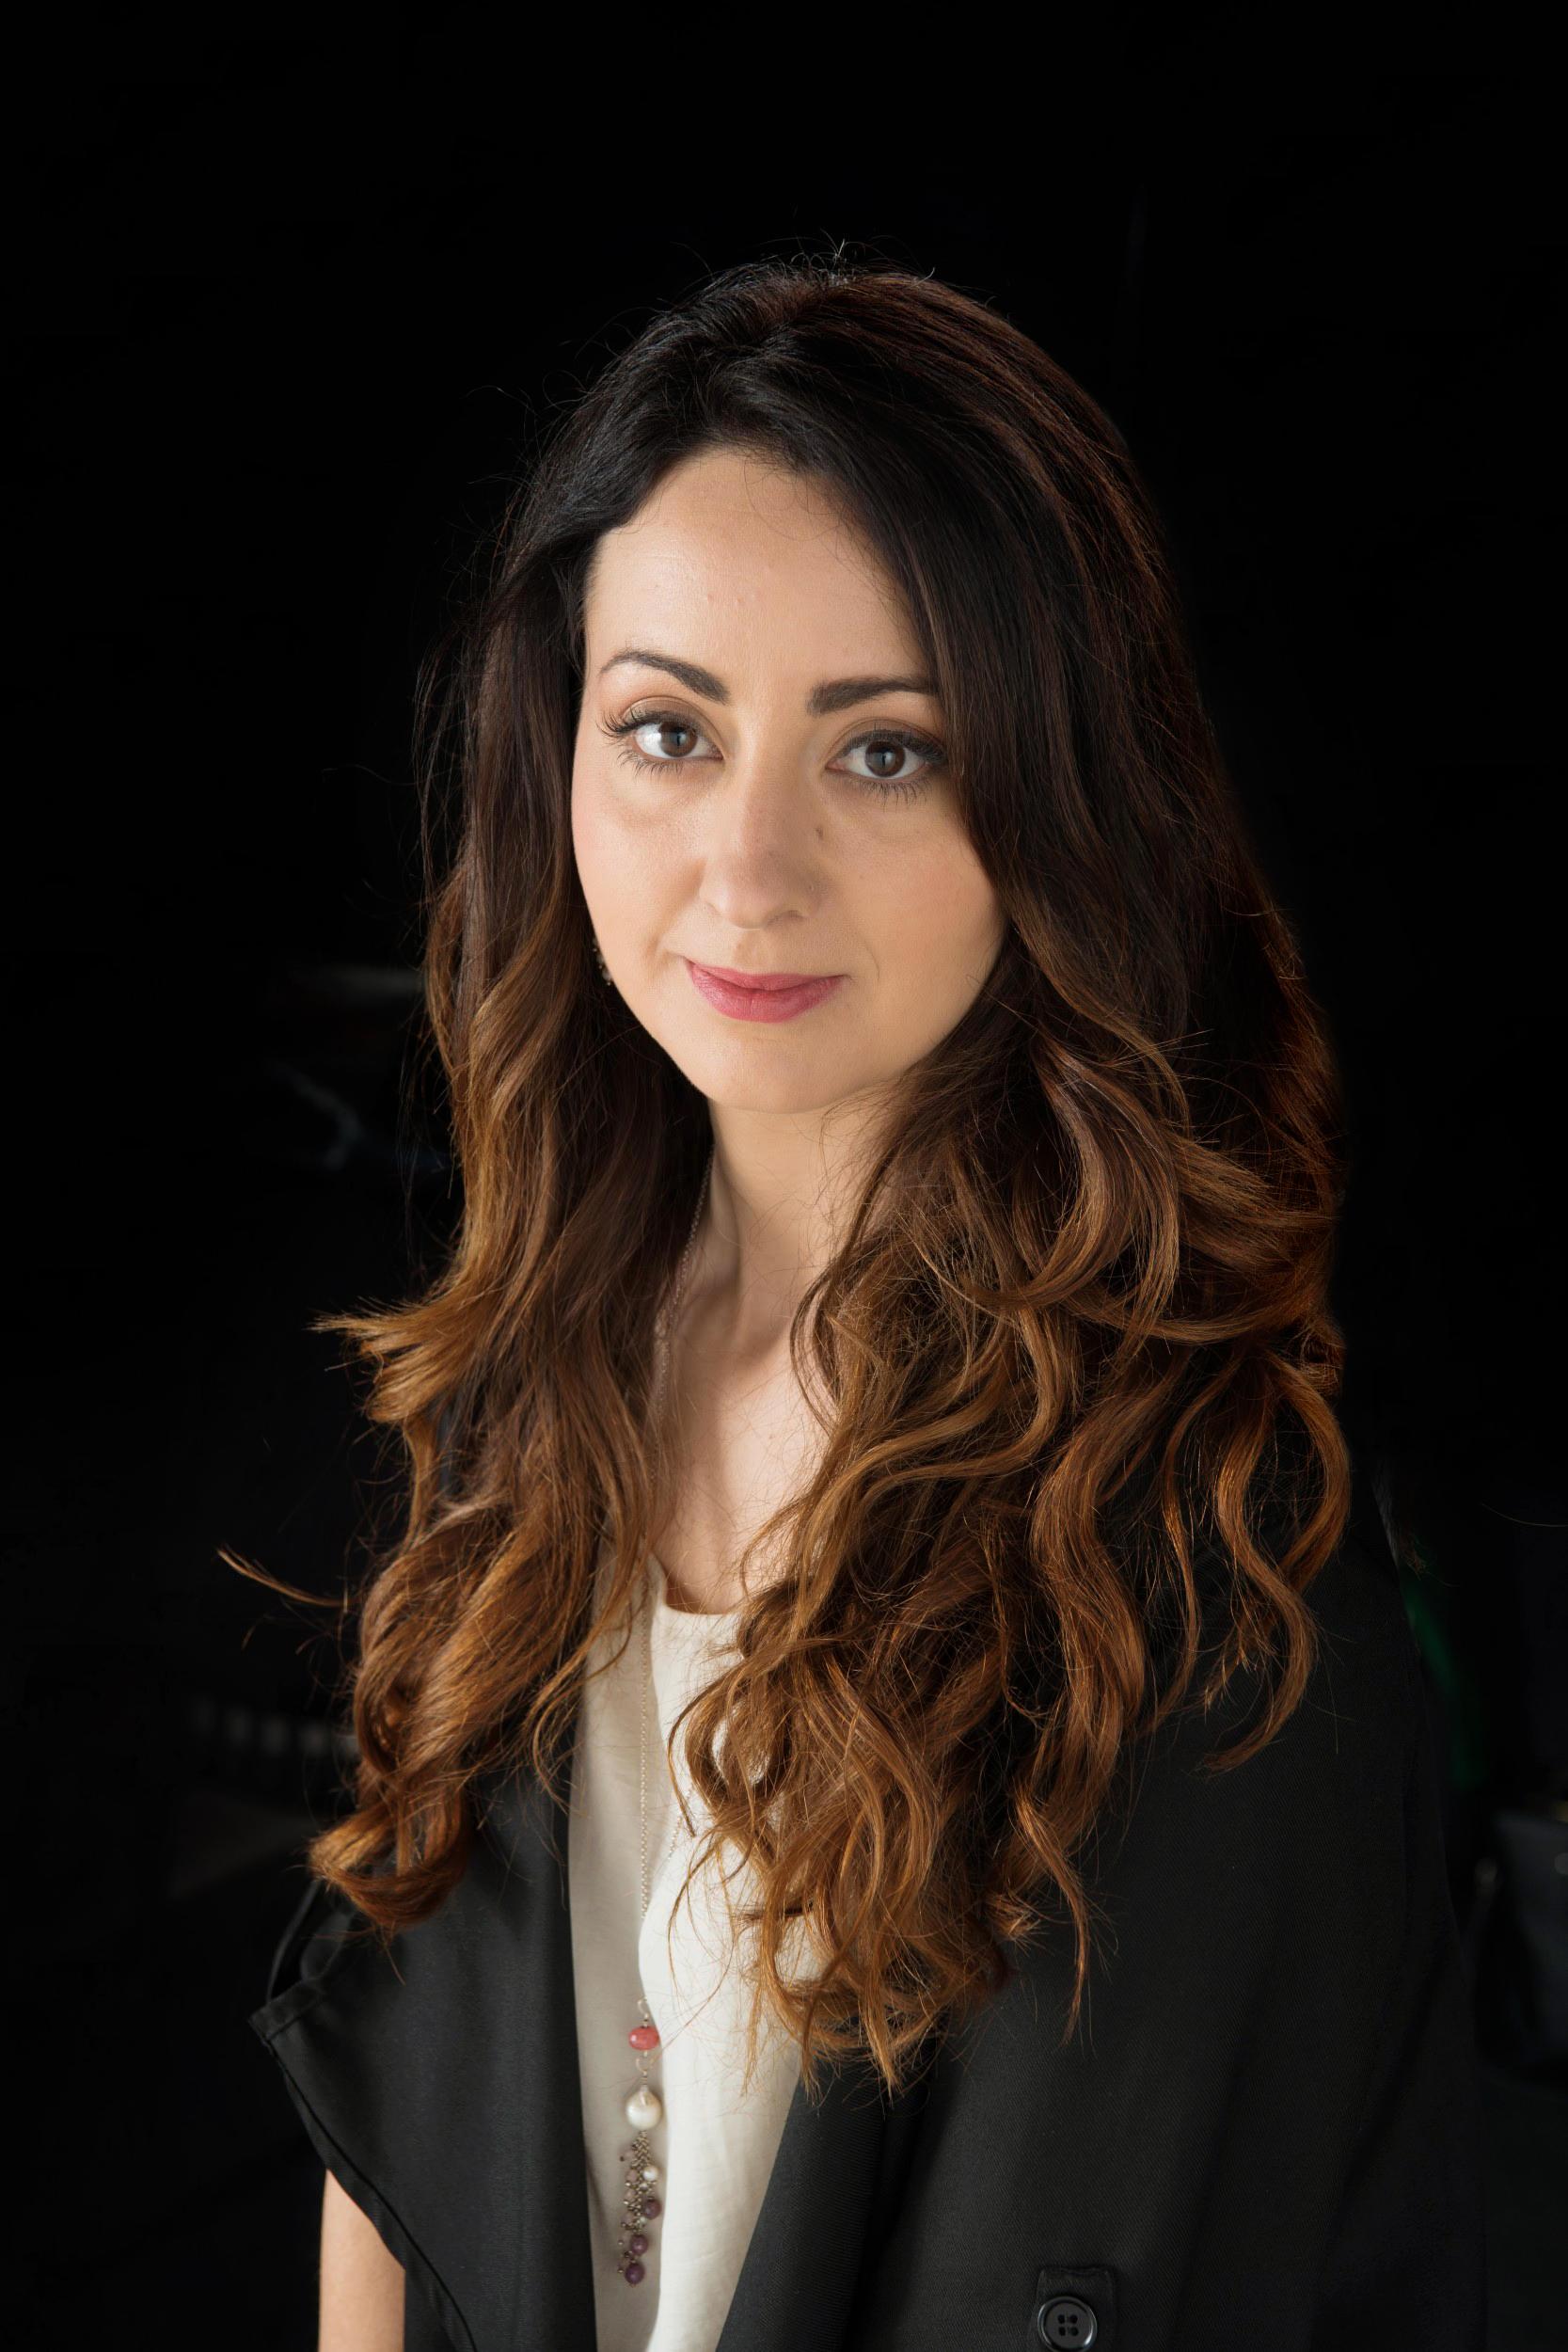 Psicologa Psicoterapeuta Dott.ssa Caterina Diani